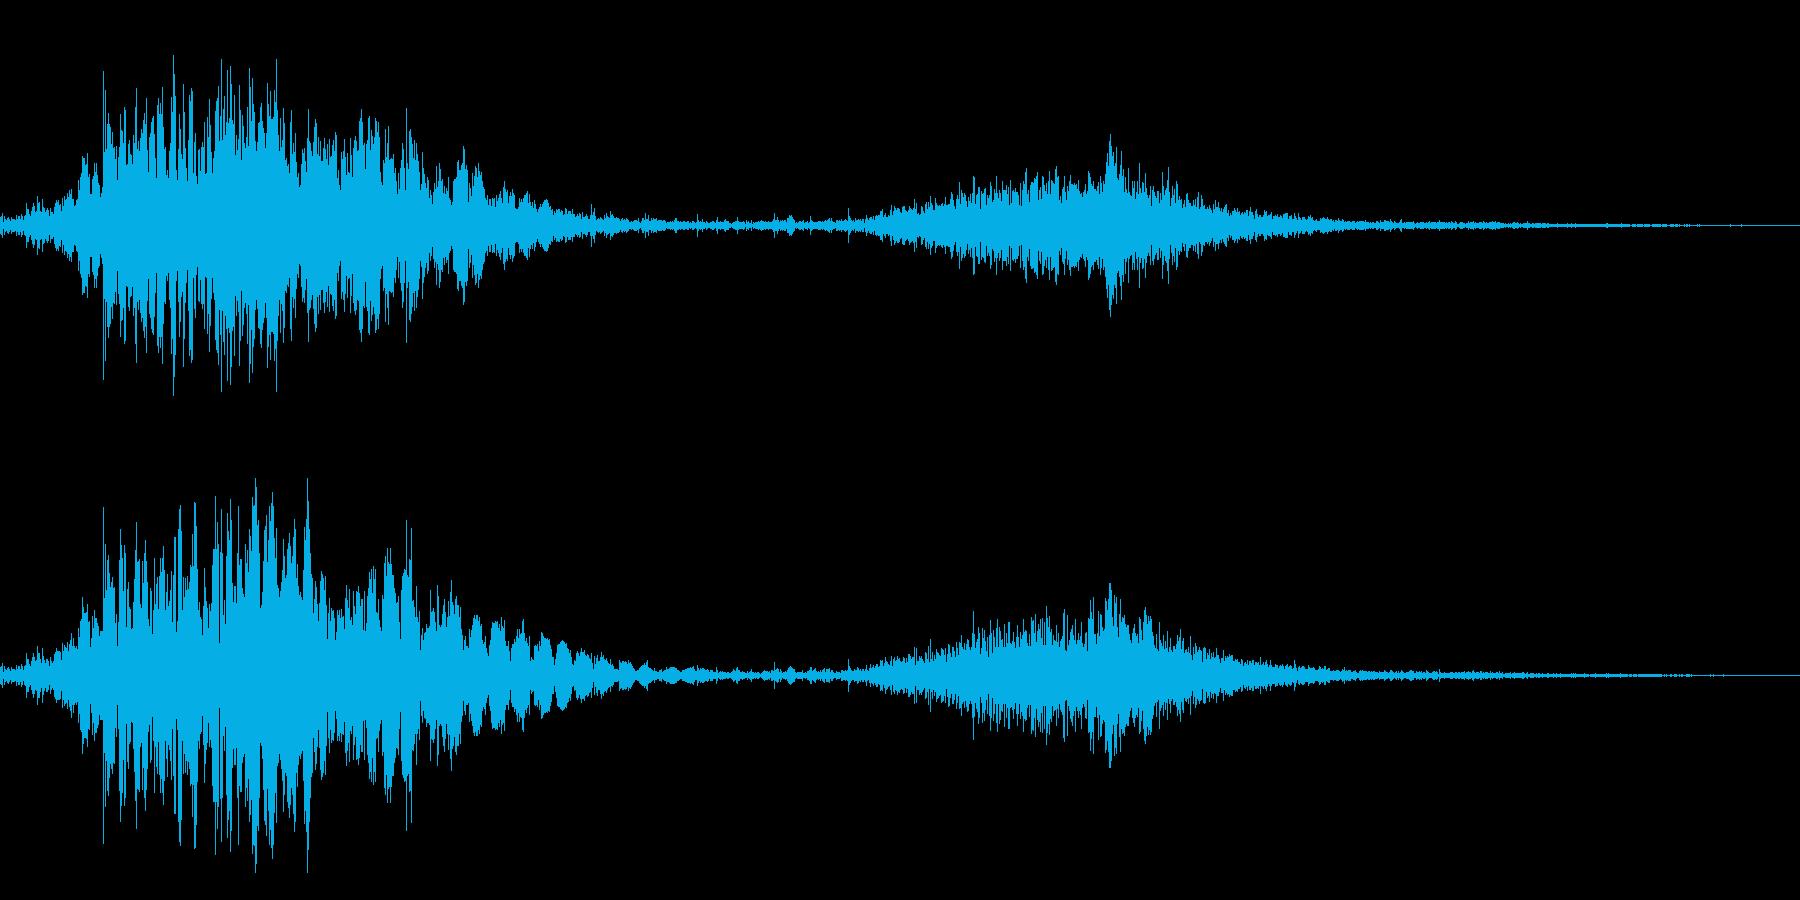 斬撃音!(刀や剣で斬る/刺す効果音)8bの再生済みの波形